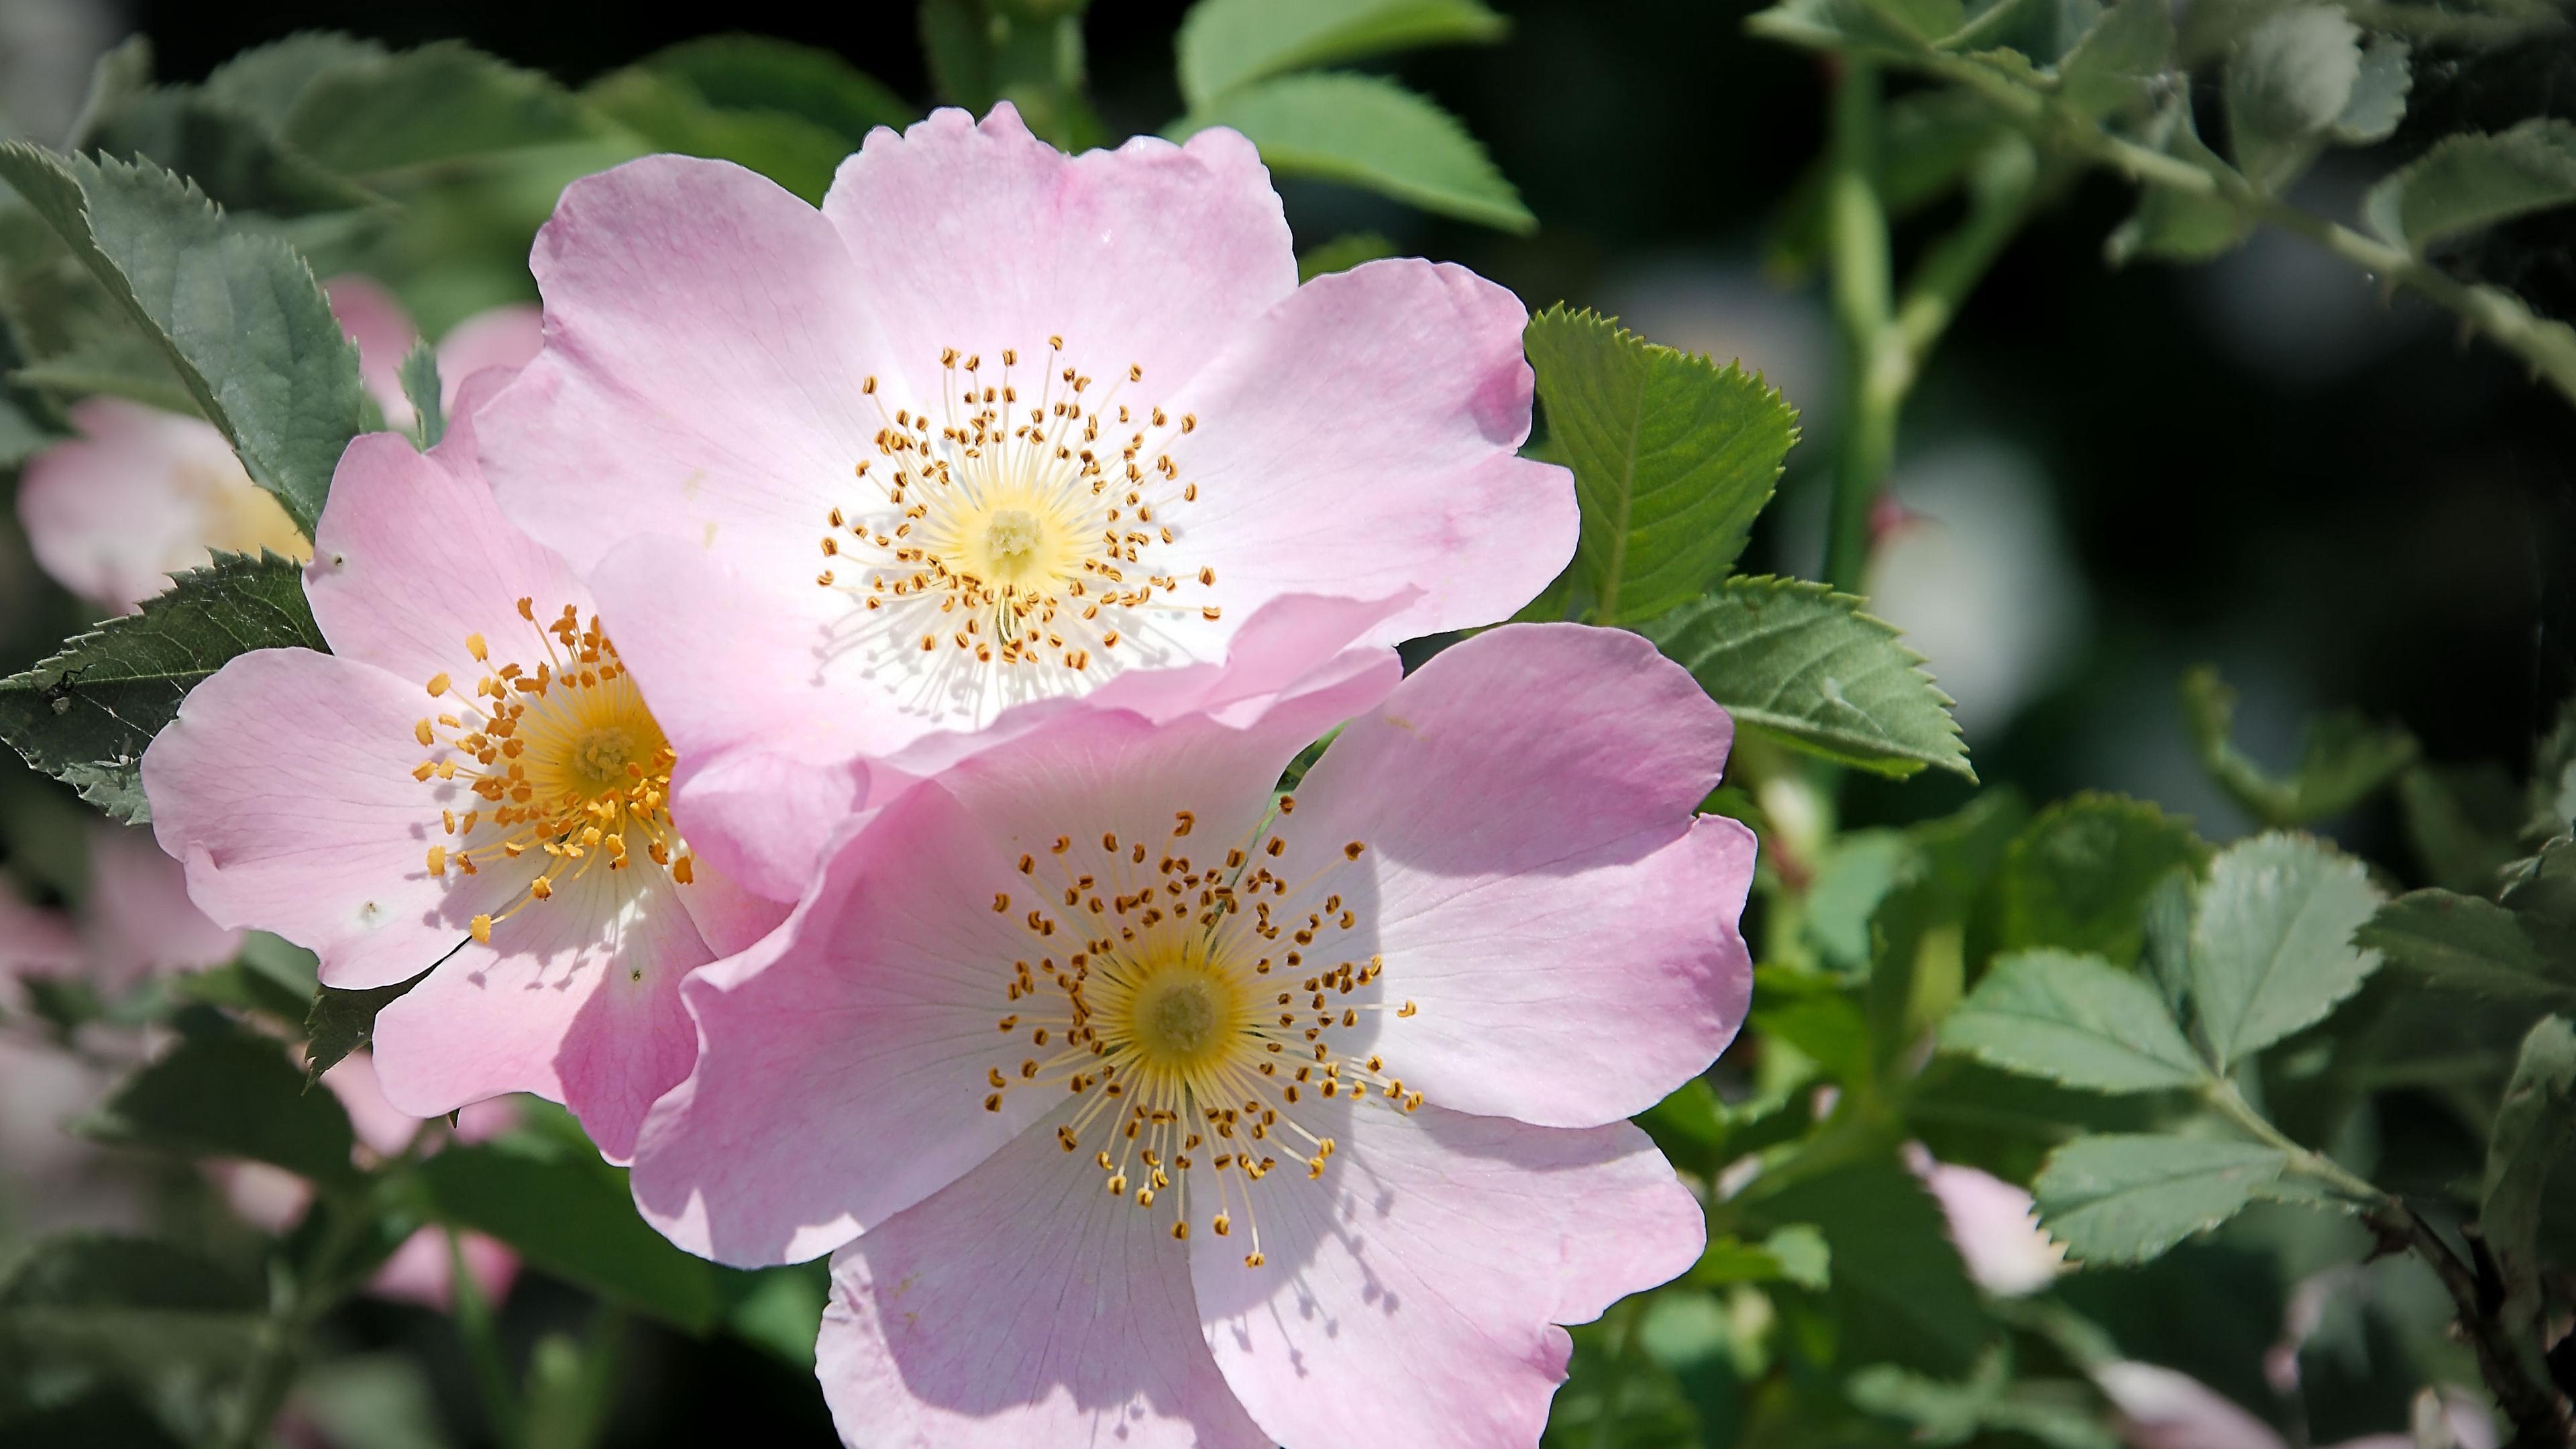 rose flower branch 4k 1540064727 - rose, flower, branch 4k - Rose, flower, branch